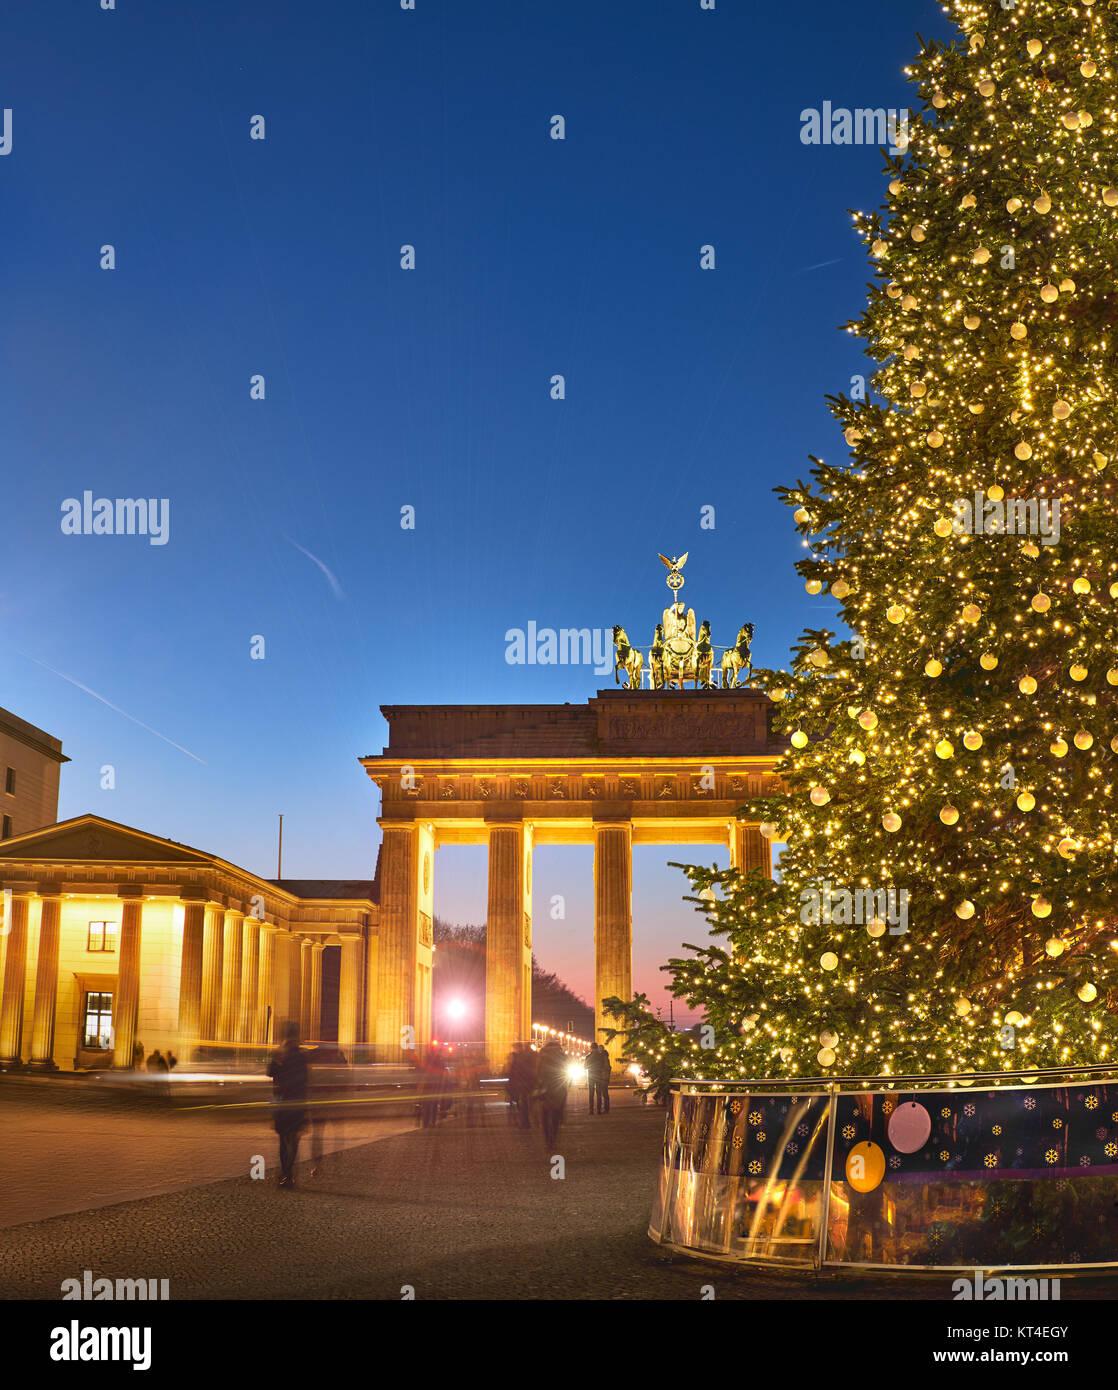 Porte de Brandebourg à Berlin avec arbre de Noël dans la nuit avec un éclairage du soir, photo panoramique Photo Stock